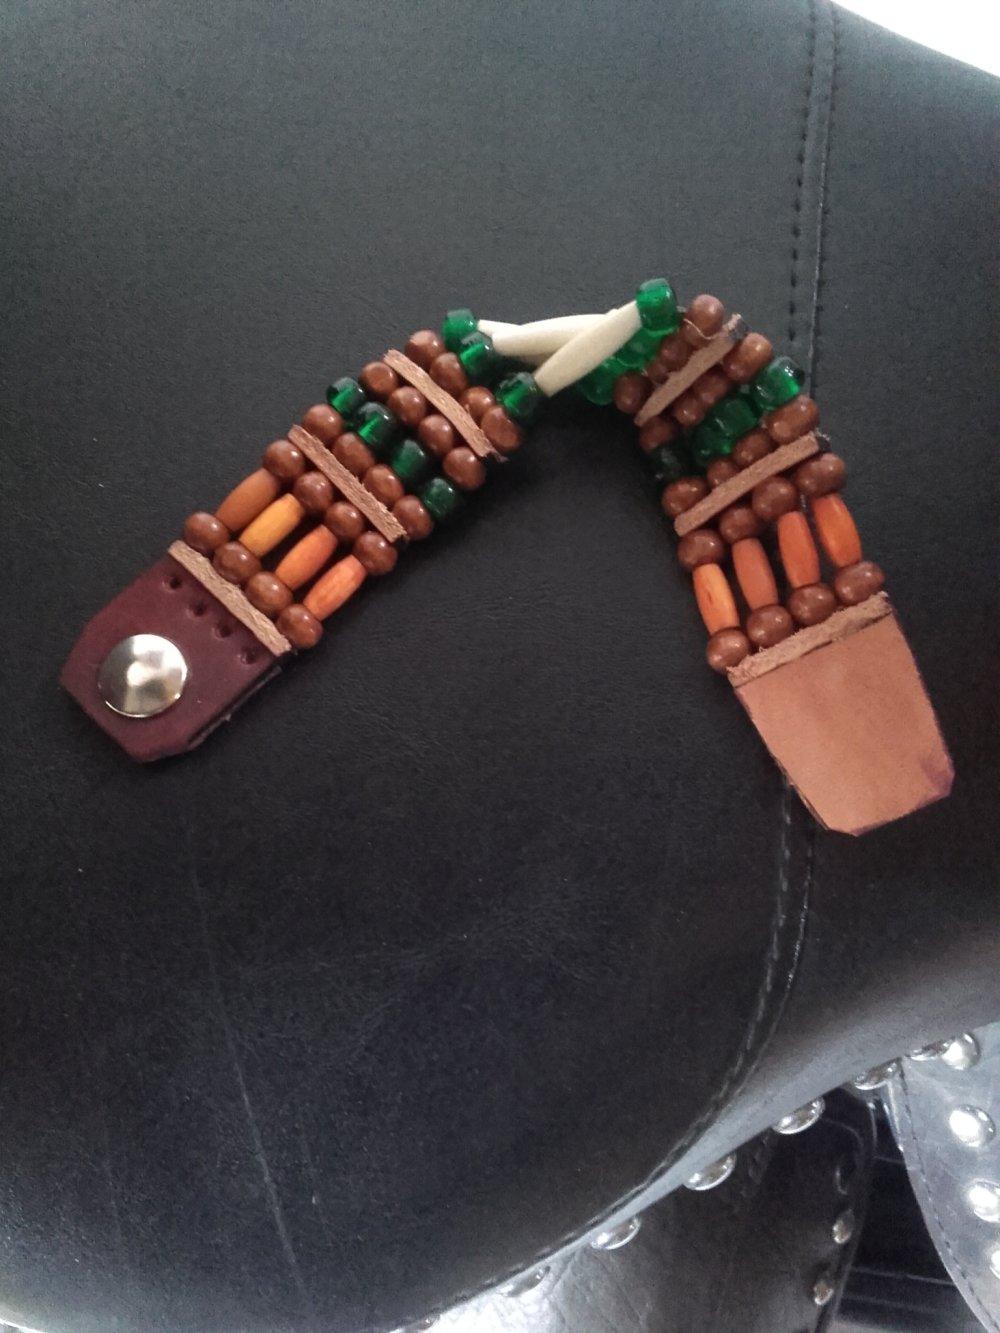 Bracelet Amérindien, 4 rangs, os et corne, perles de verre vertes, perles bois : Ref : B 258